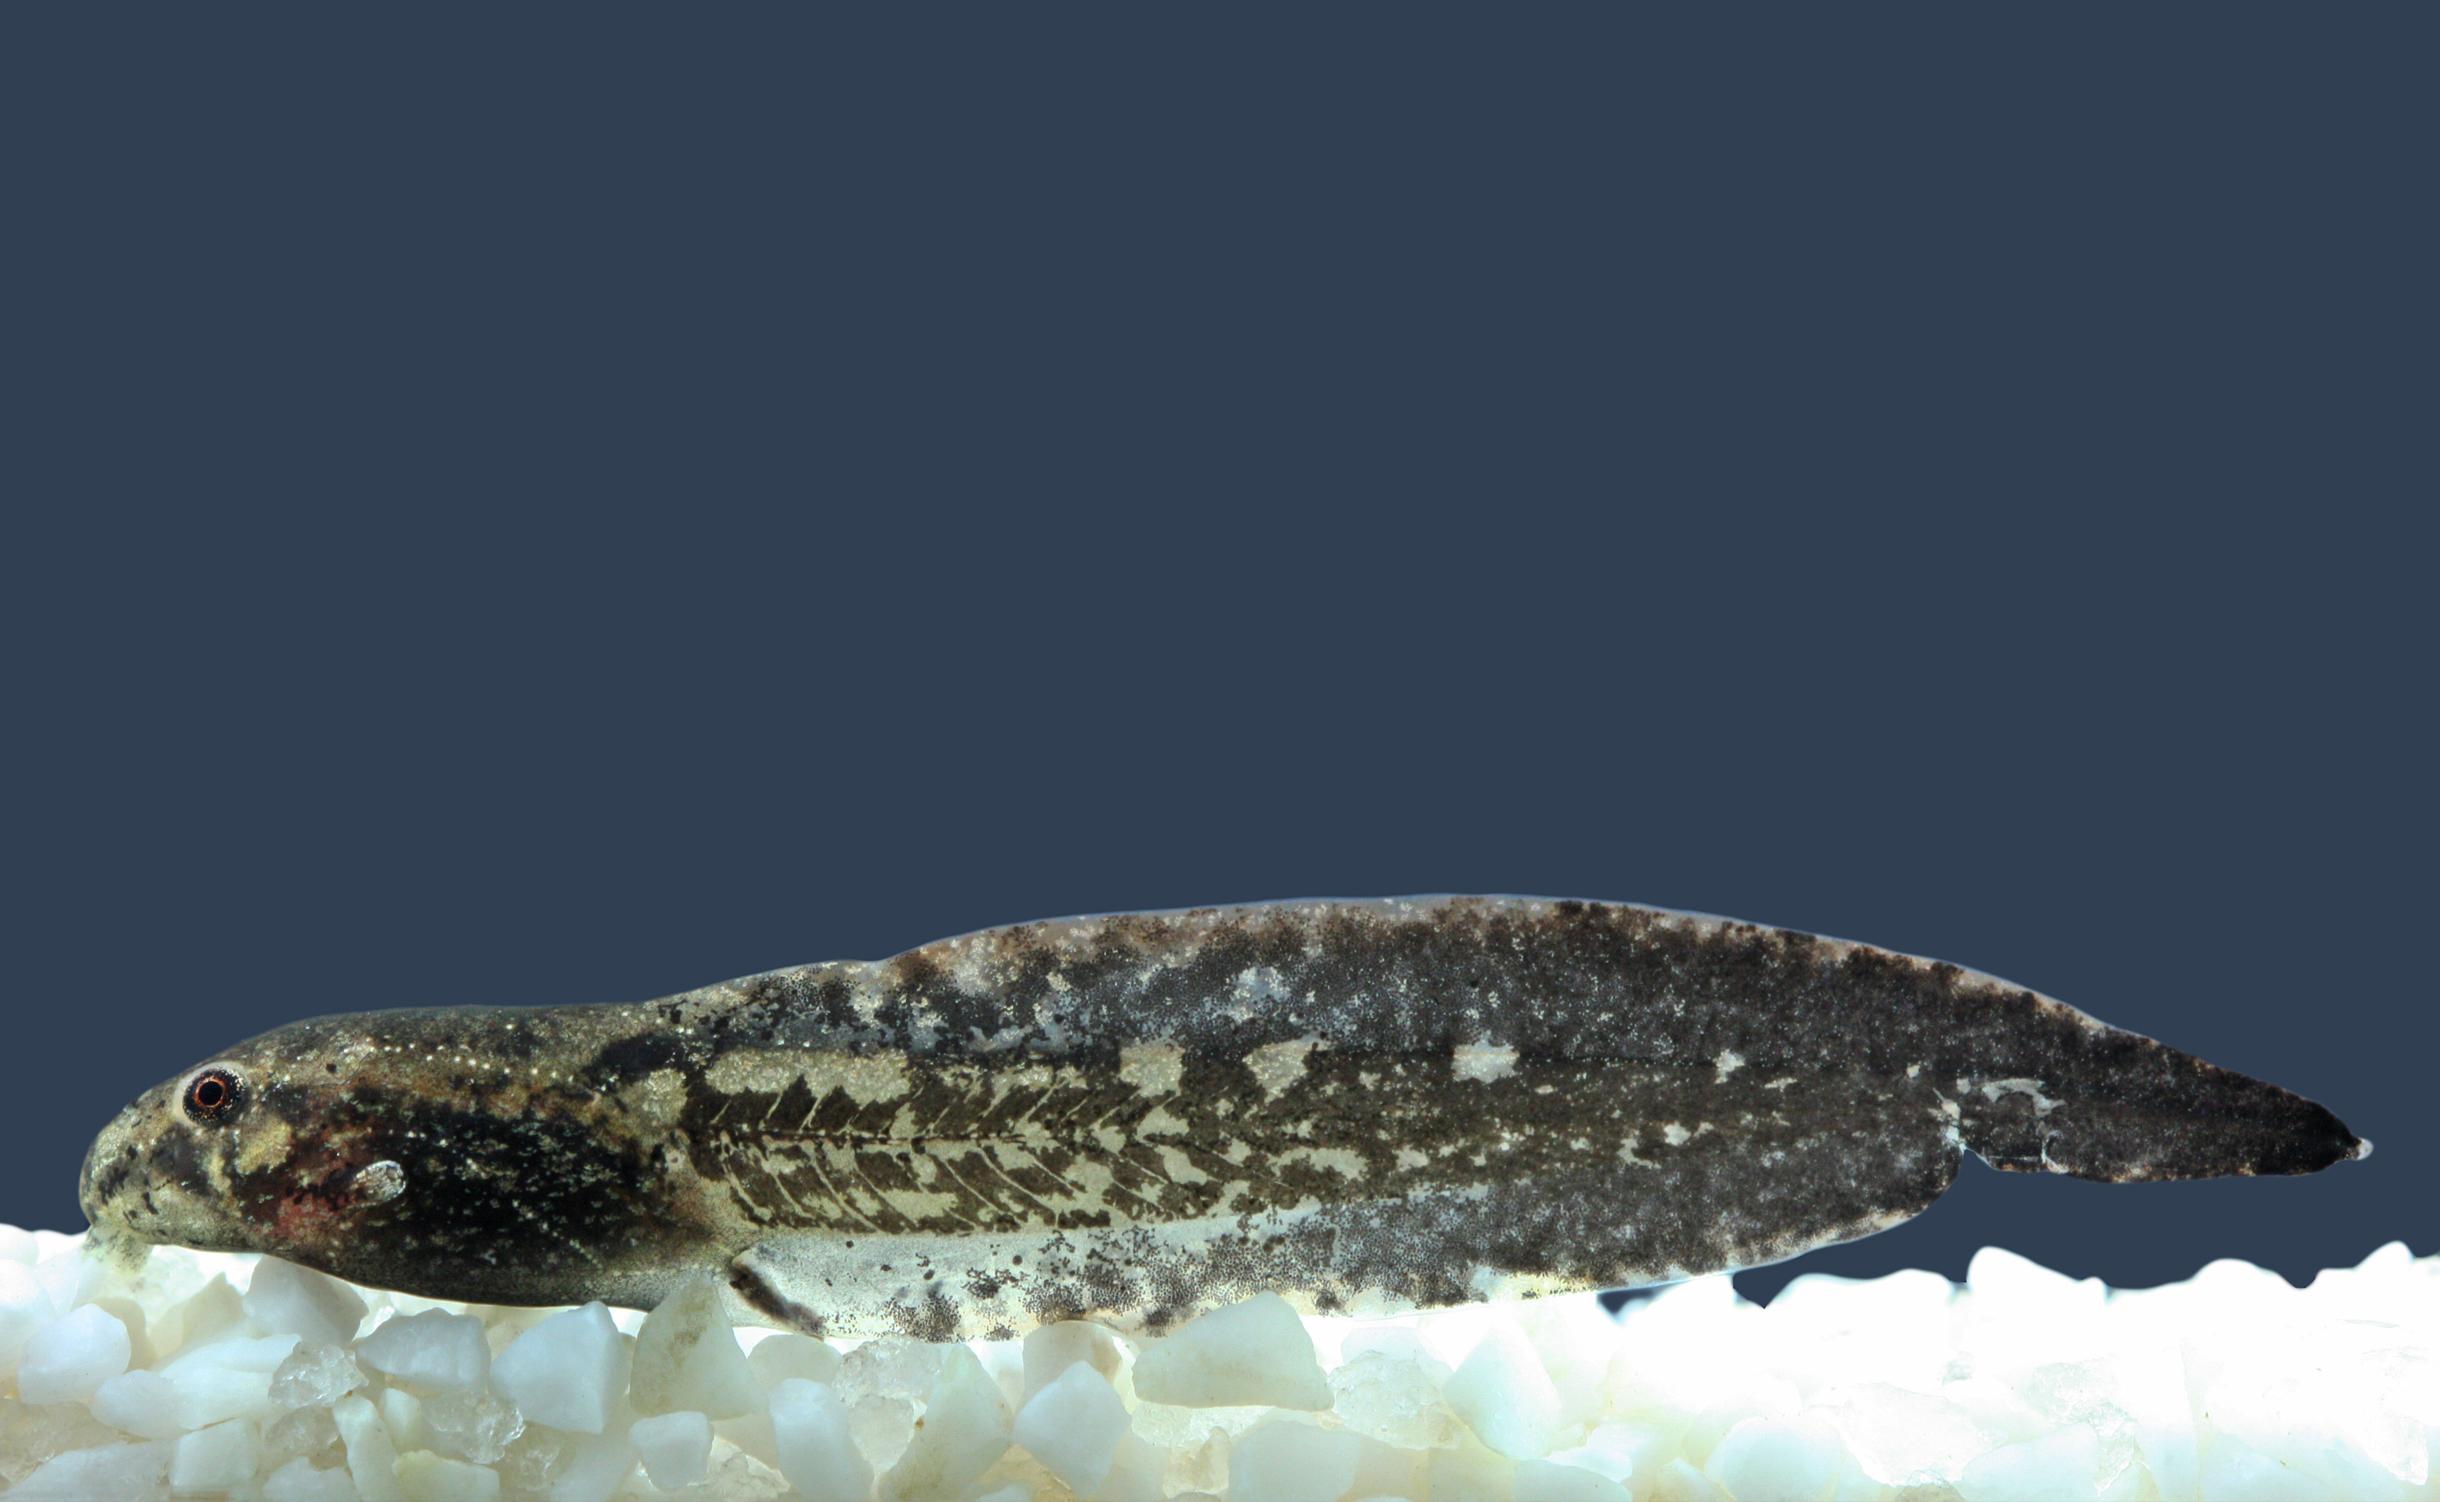 Aplastodiscus arildae